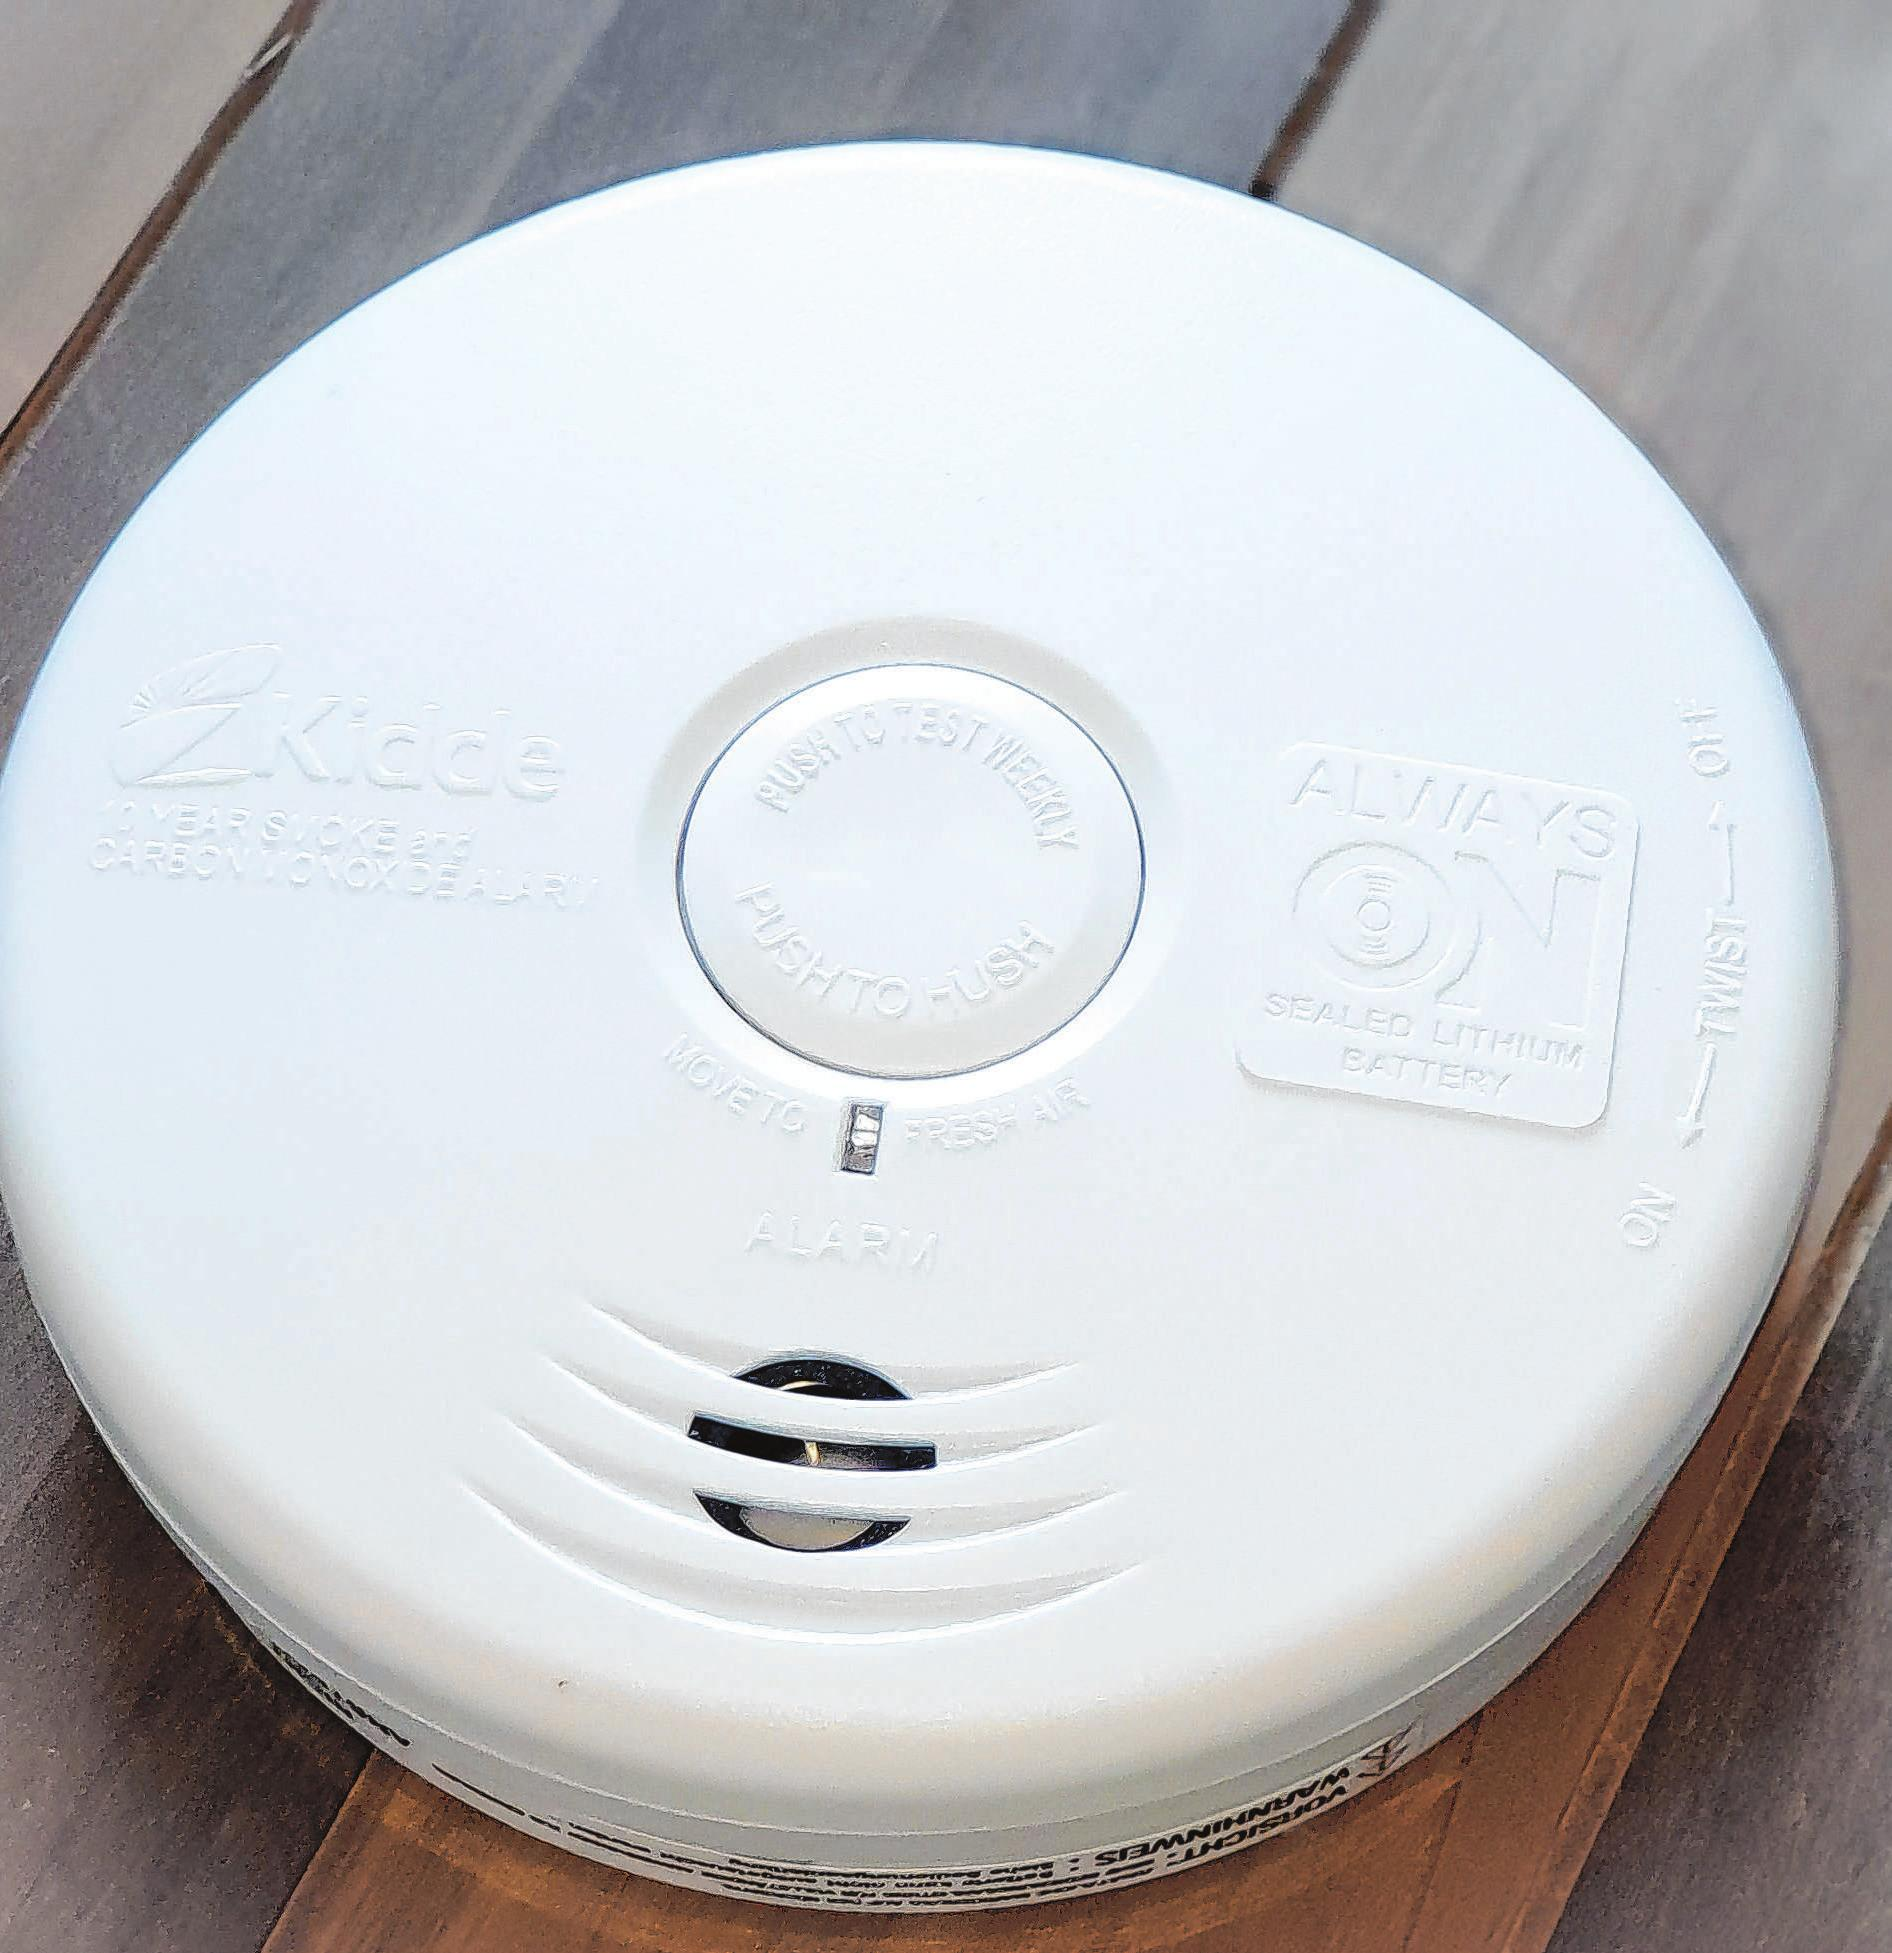 Feuermelder in der Küche sind notwendig. Foto: R.I.T.S GmbH